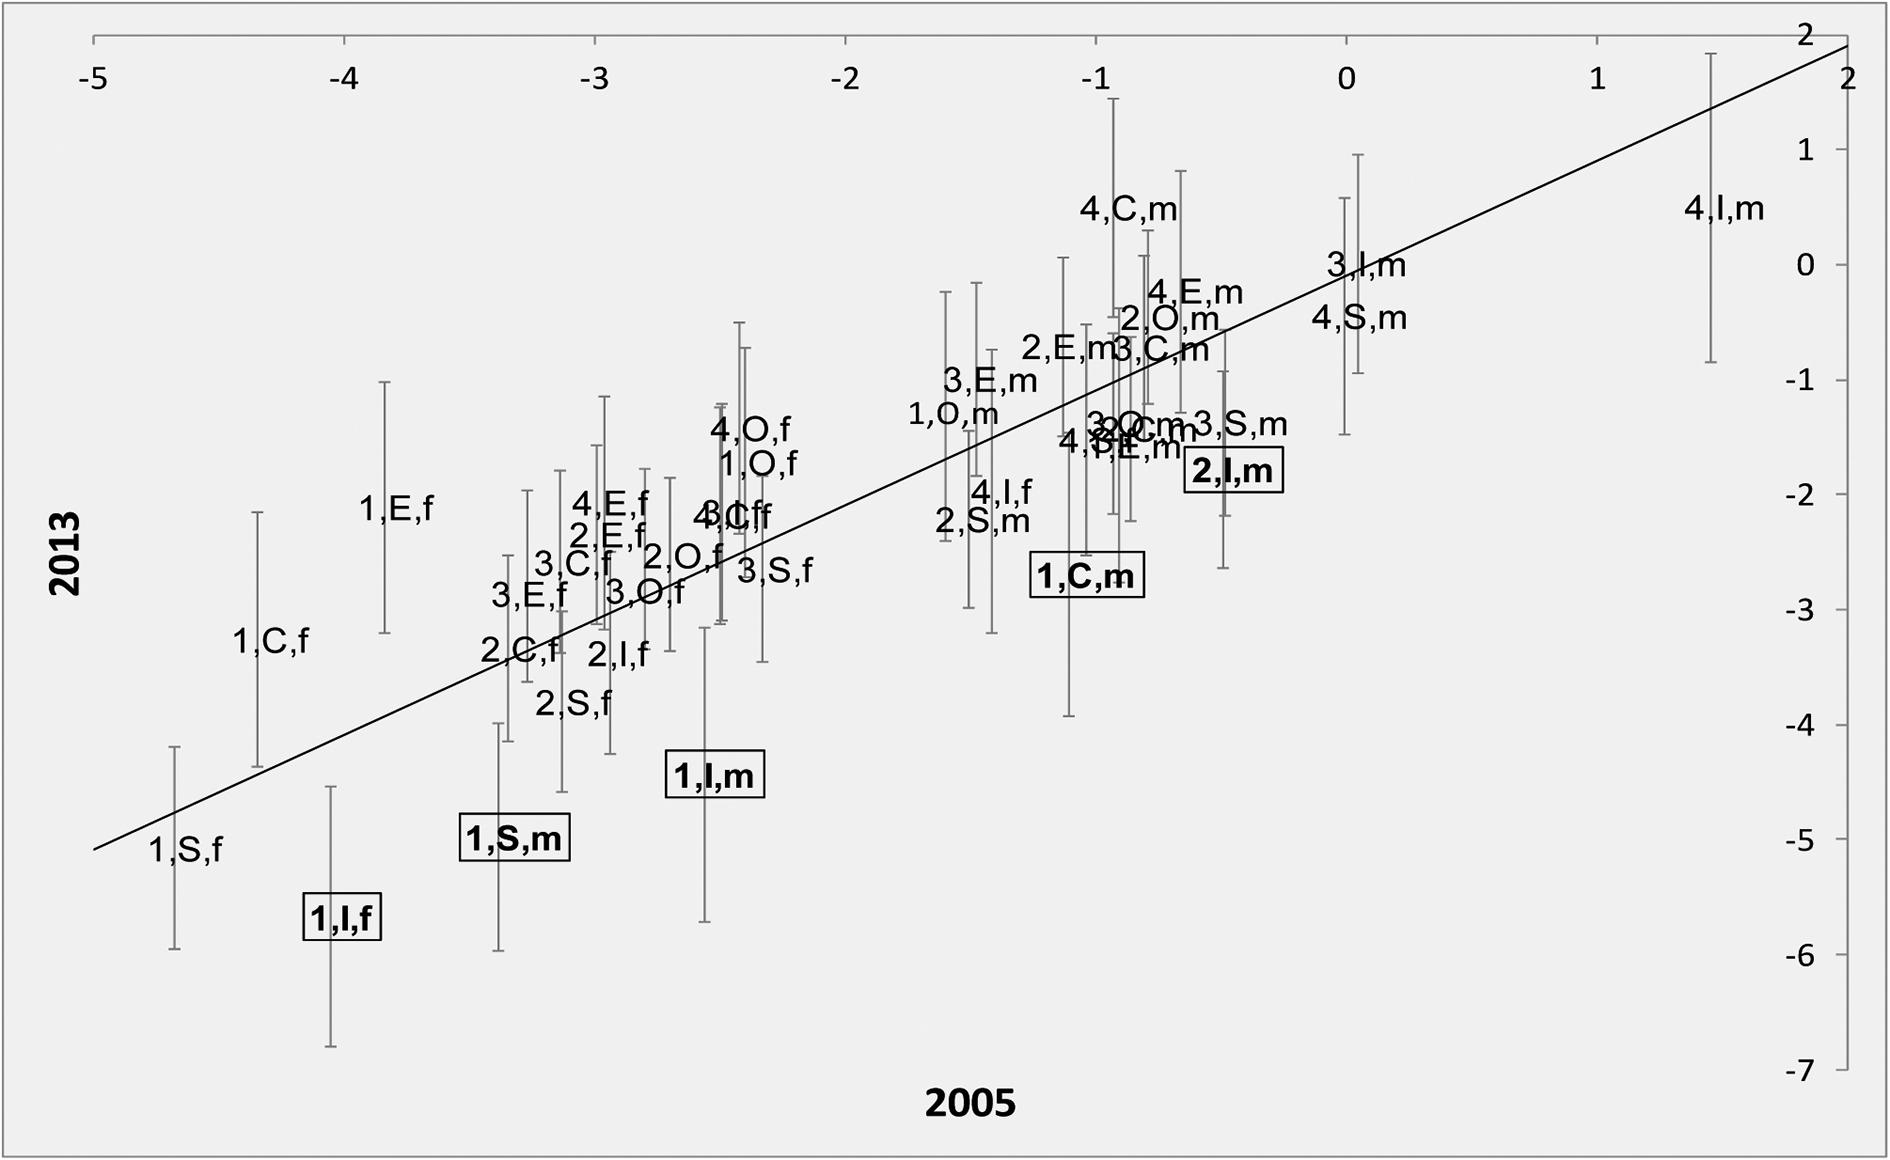 La Salute Degli Italiani Prima E Dopo La Crisi Economica 2005 2013 Alcune Evidenze Empiriche Sulle Categorie Sociali A Maggior Rischio Di Impatto